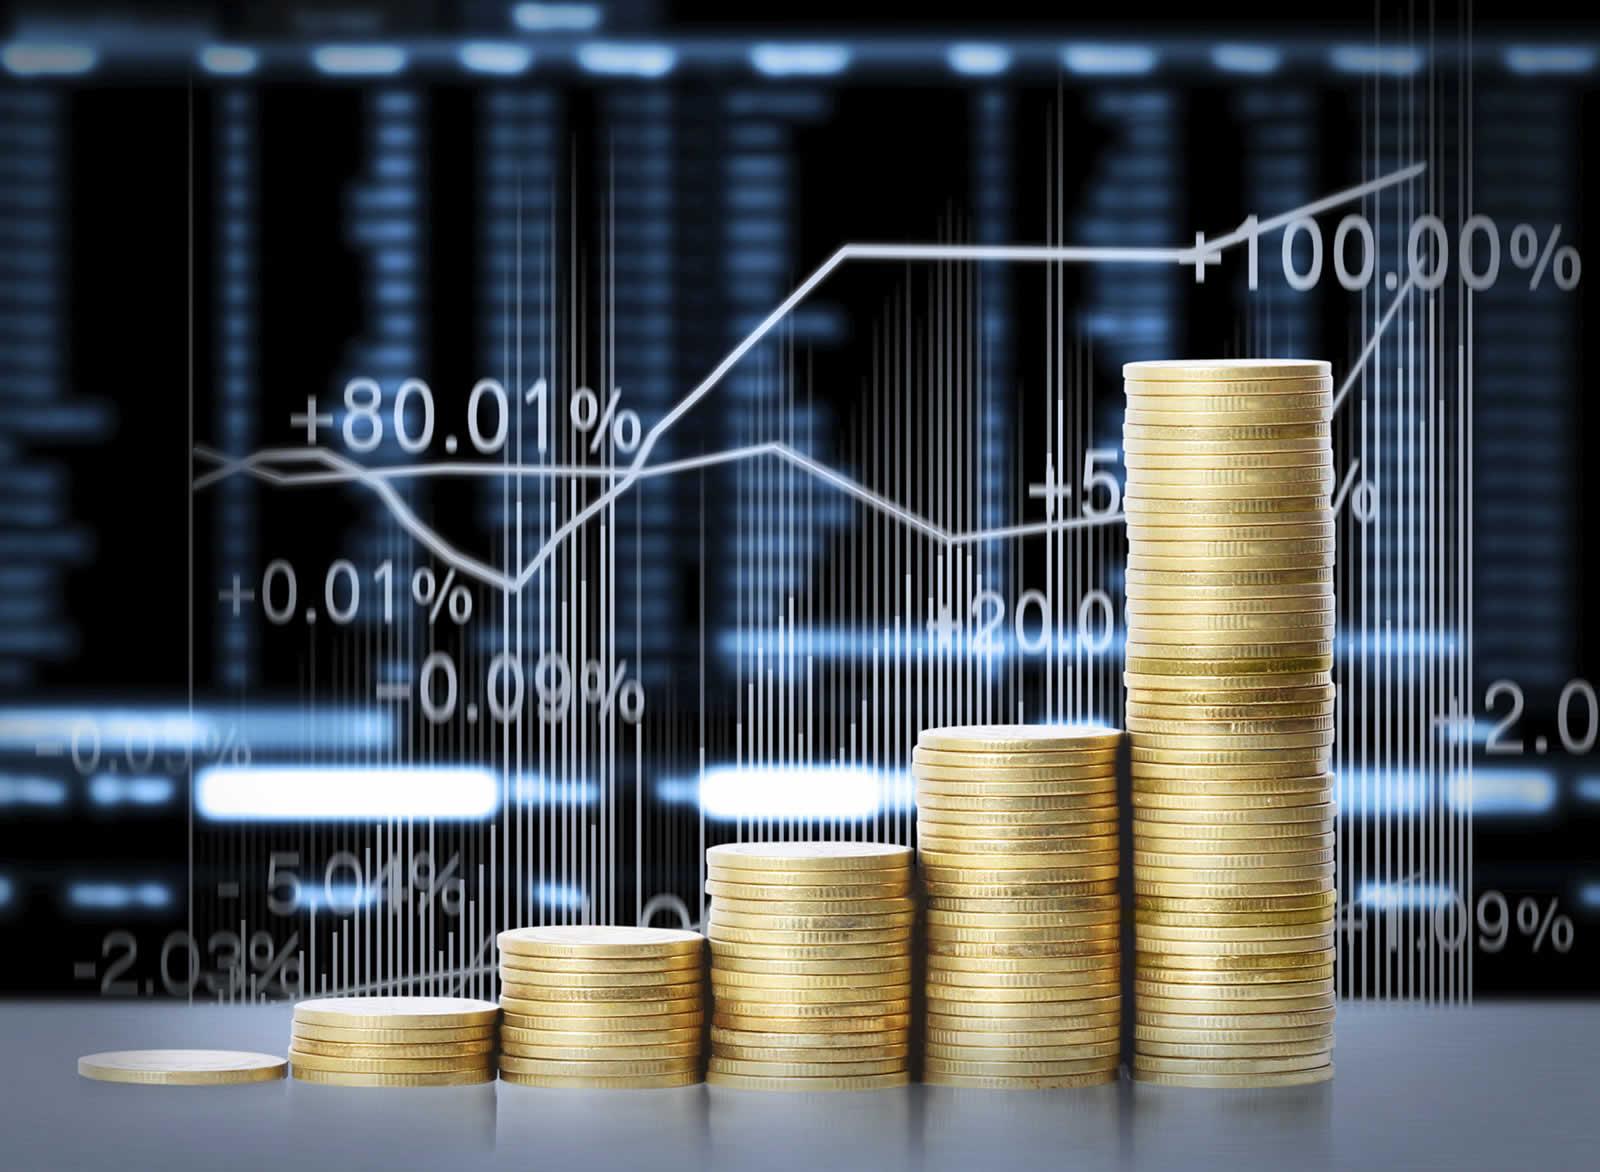 El ahorro y la educación financiera en Latinoamérica